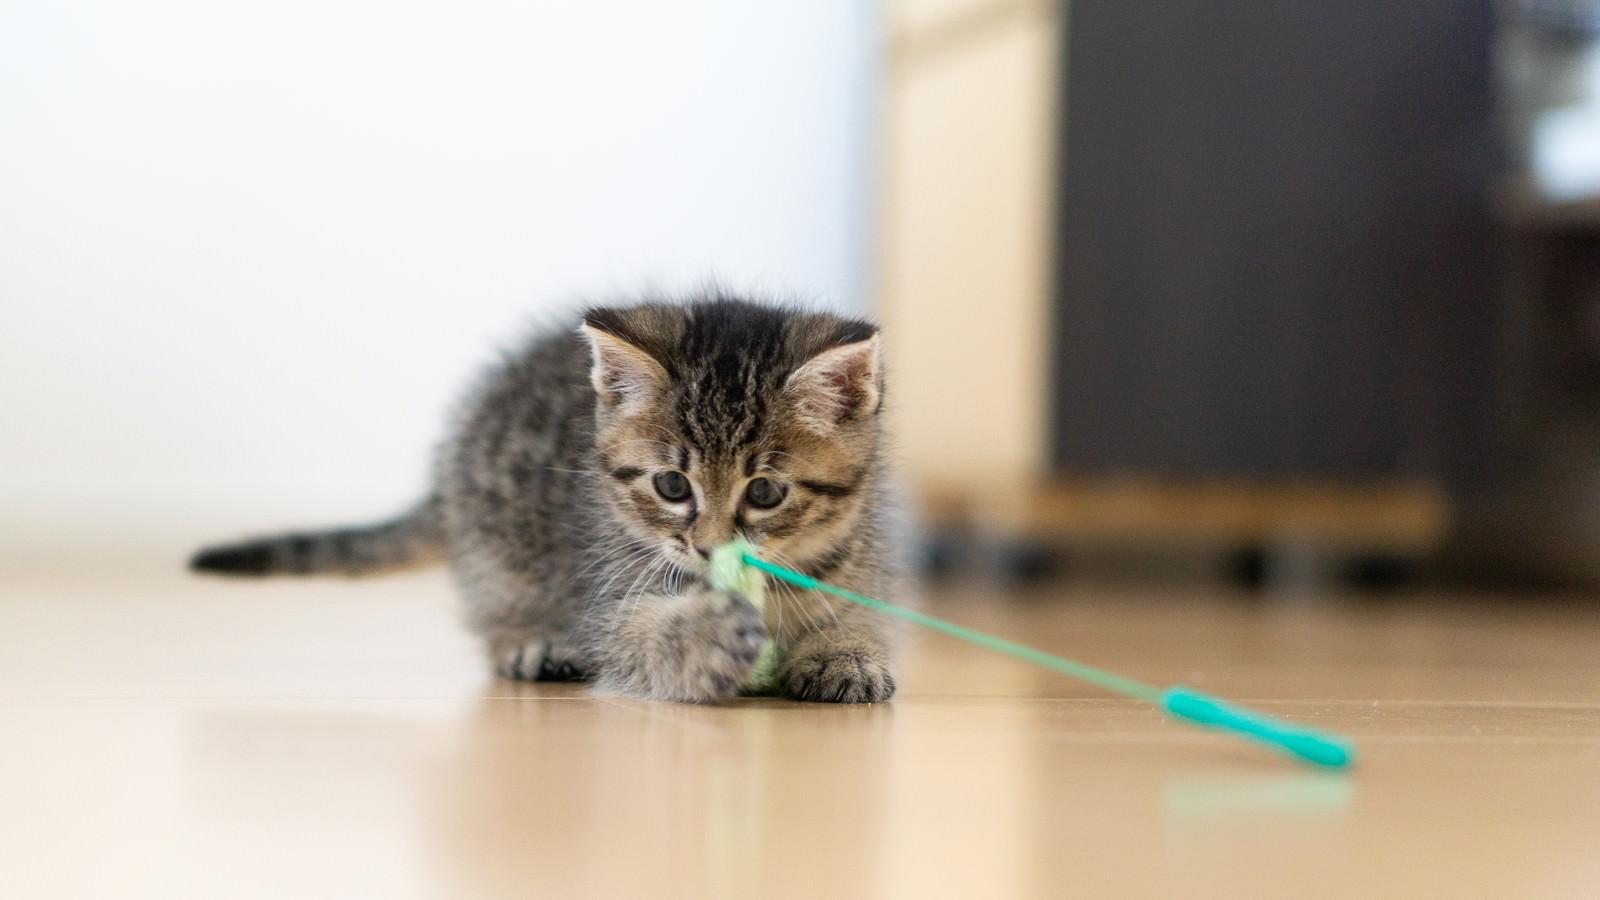 「ねこじゃらしのおもちゃで遊ぶ子猫」の写真